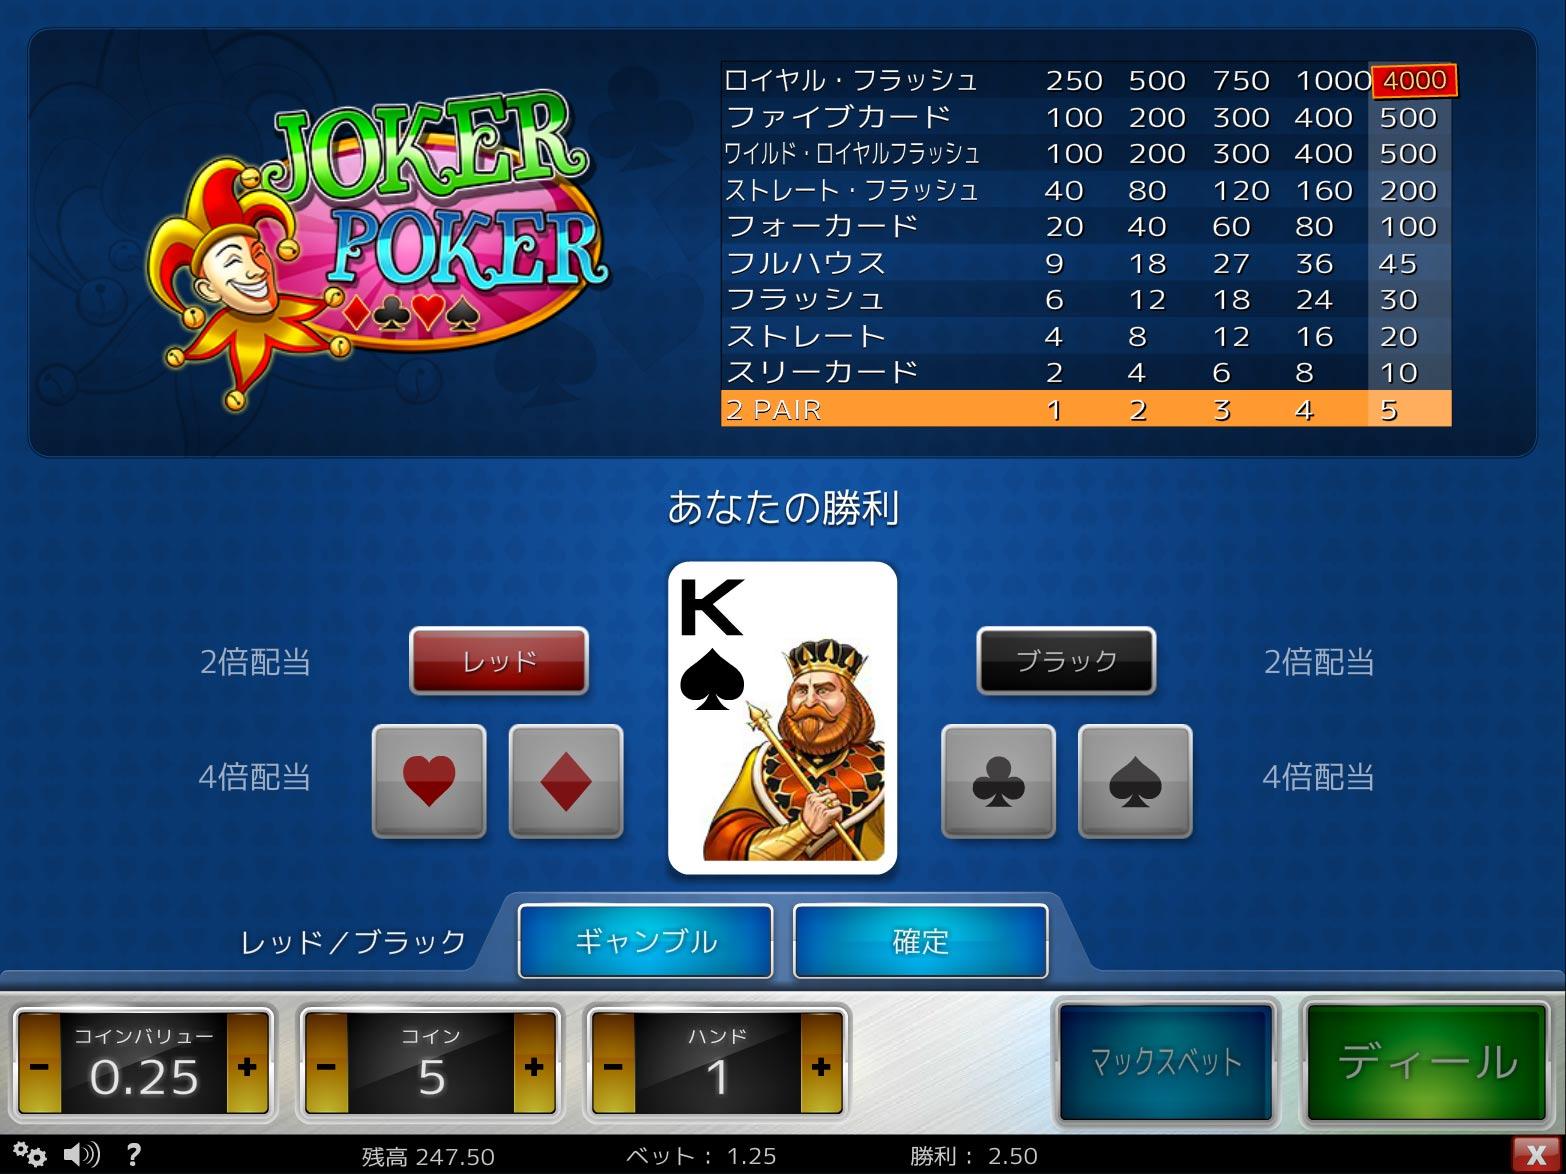 ジョーカーポーカー Joker Poker Multi Handスクリーンショット